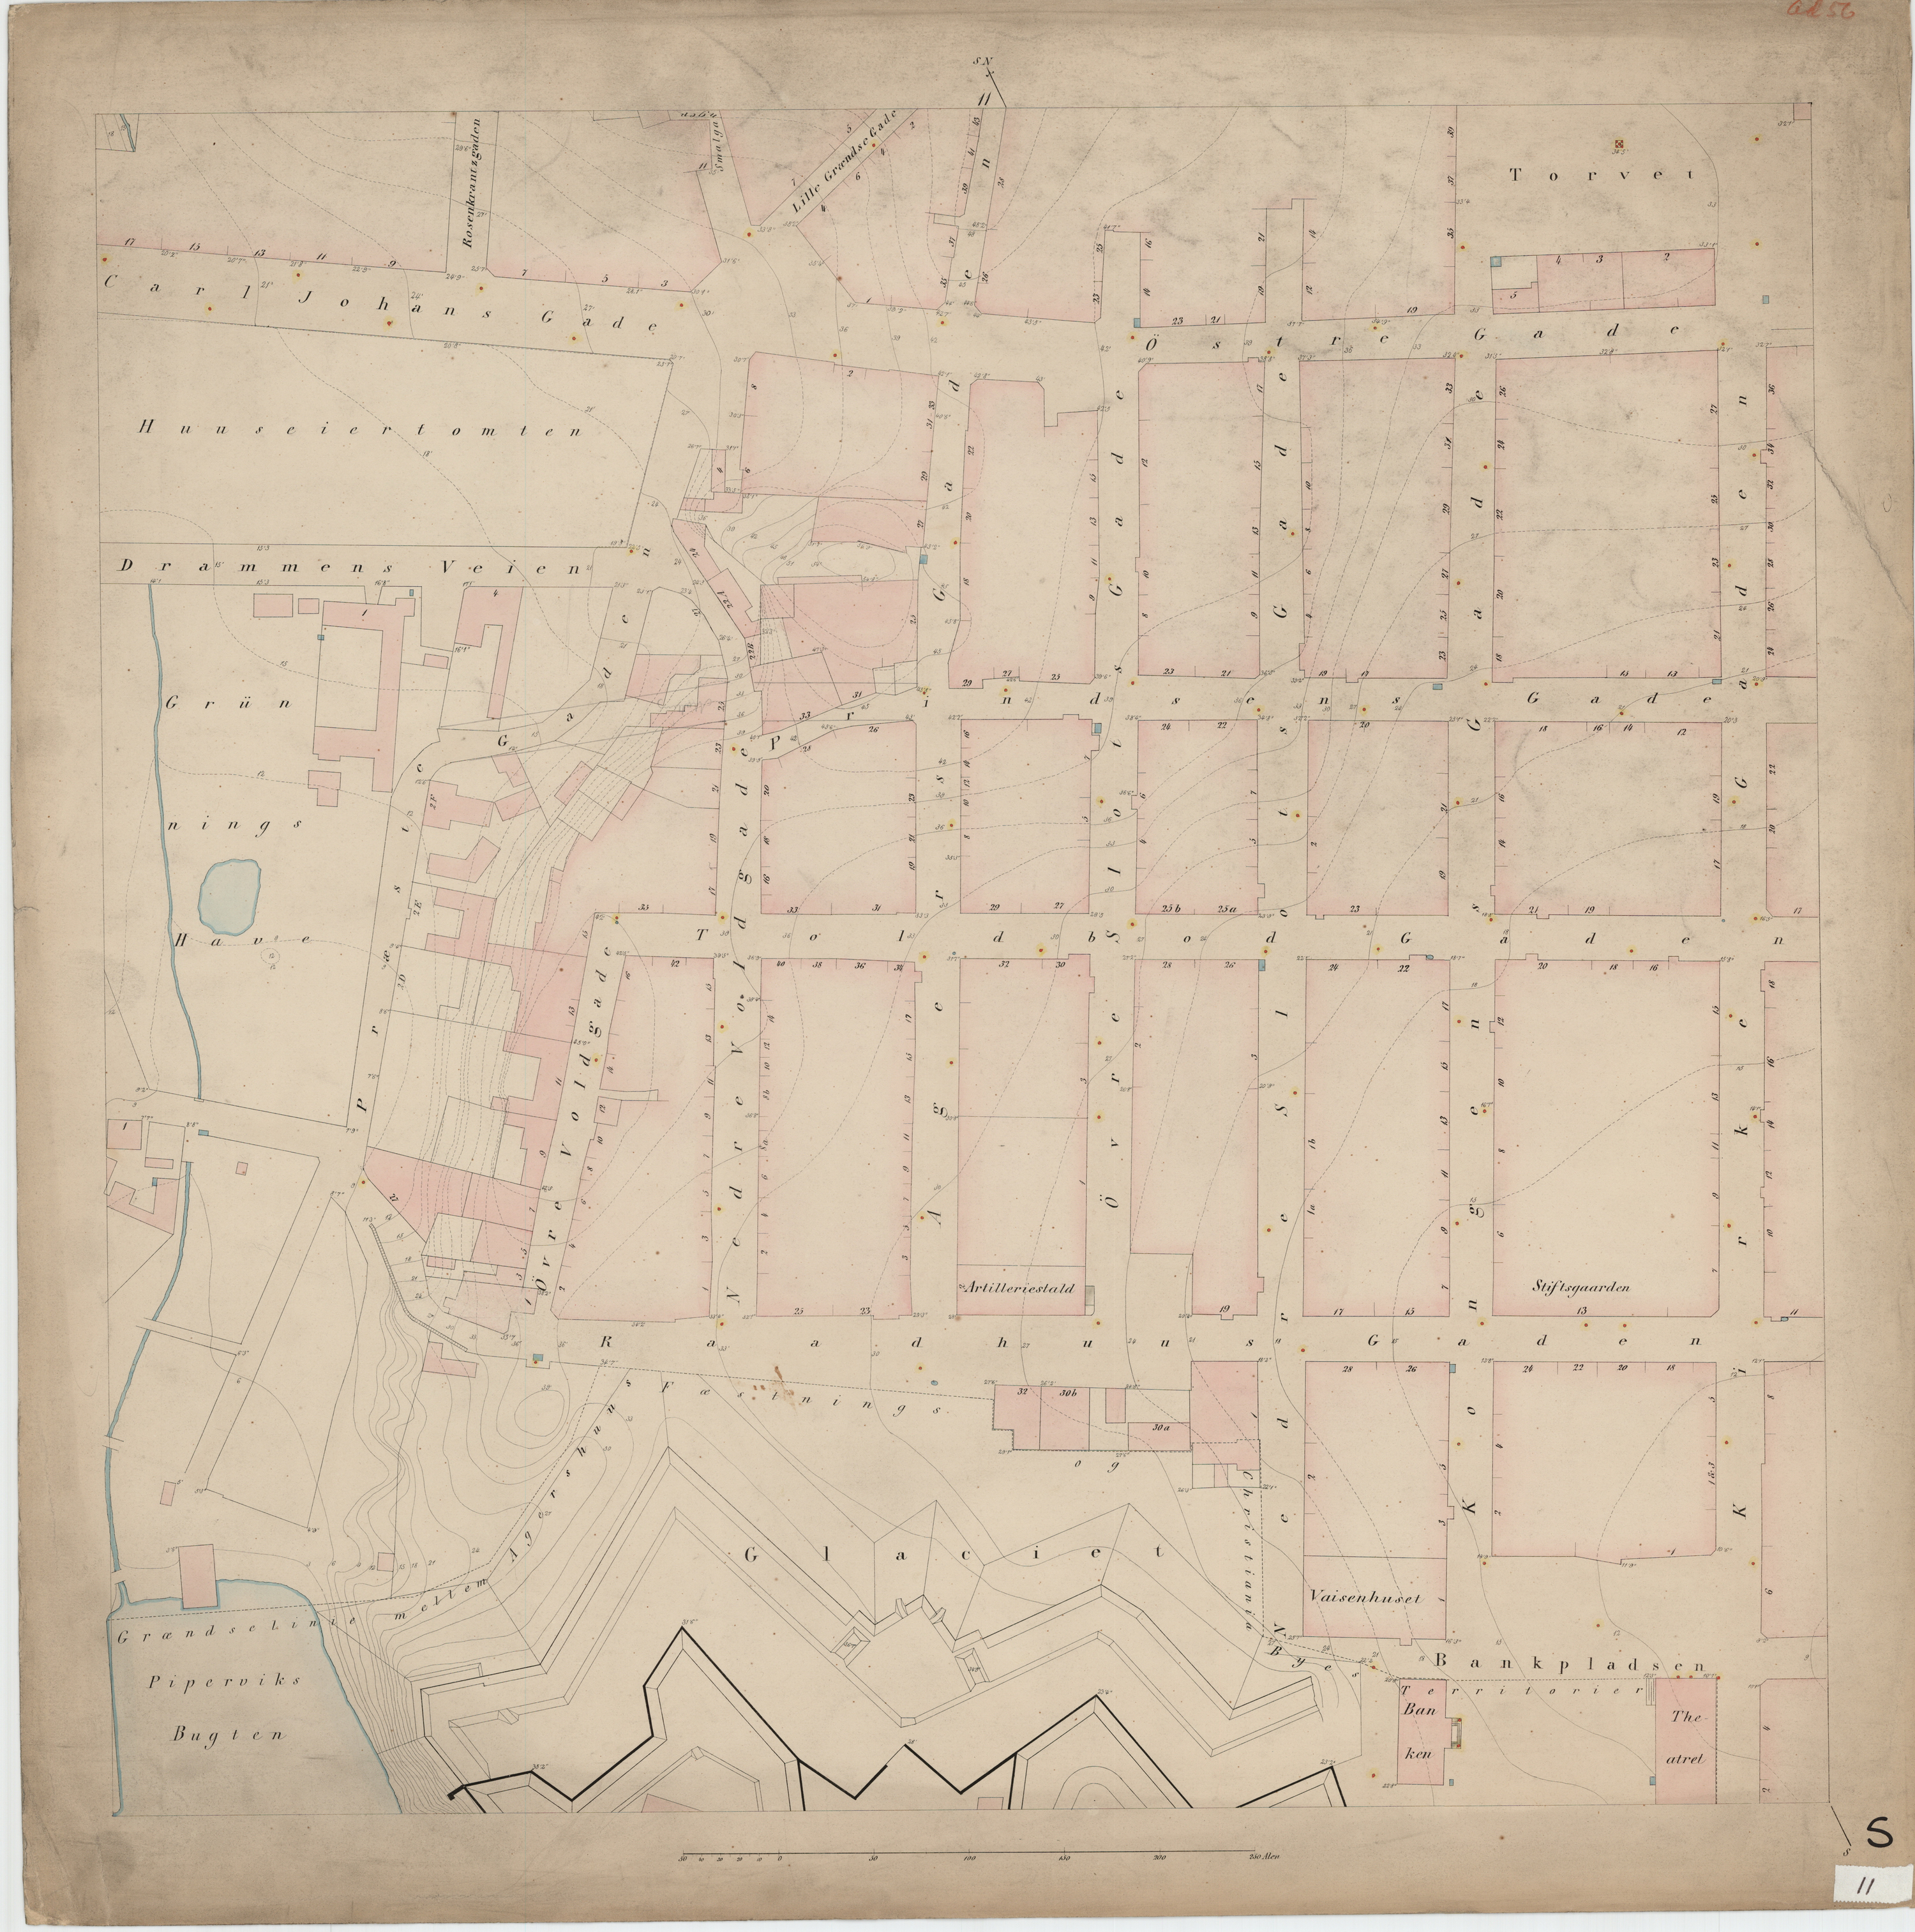 Kartet av I.W.G. Næser fra 1860 viser området før byggingen var begynt.